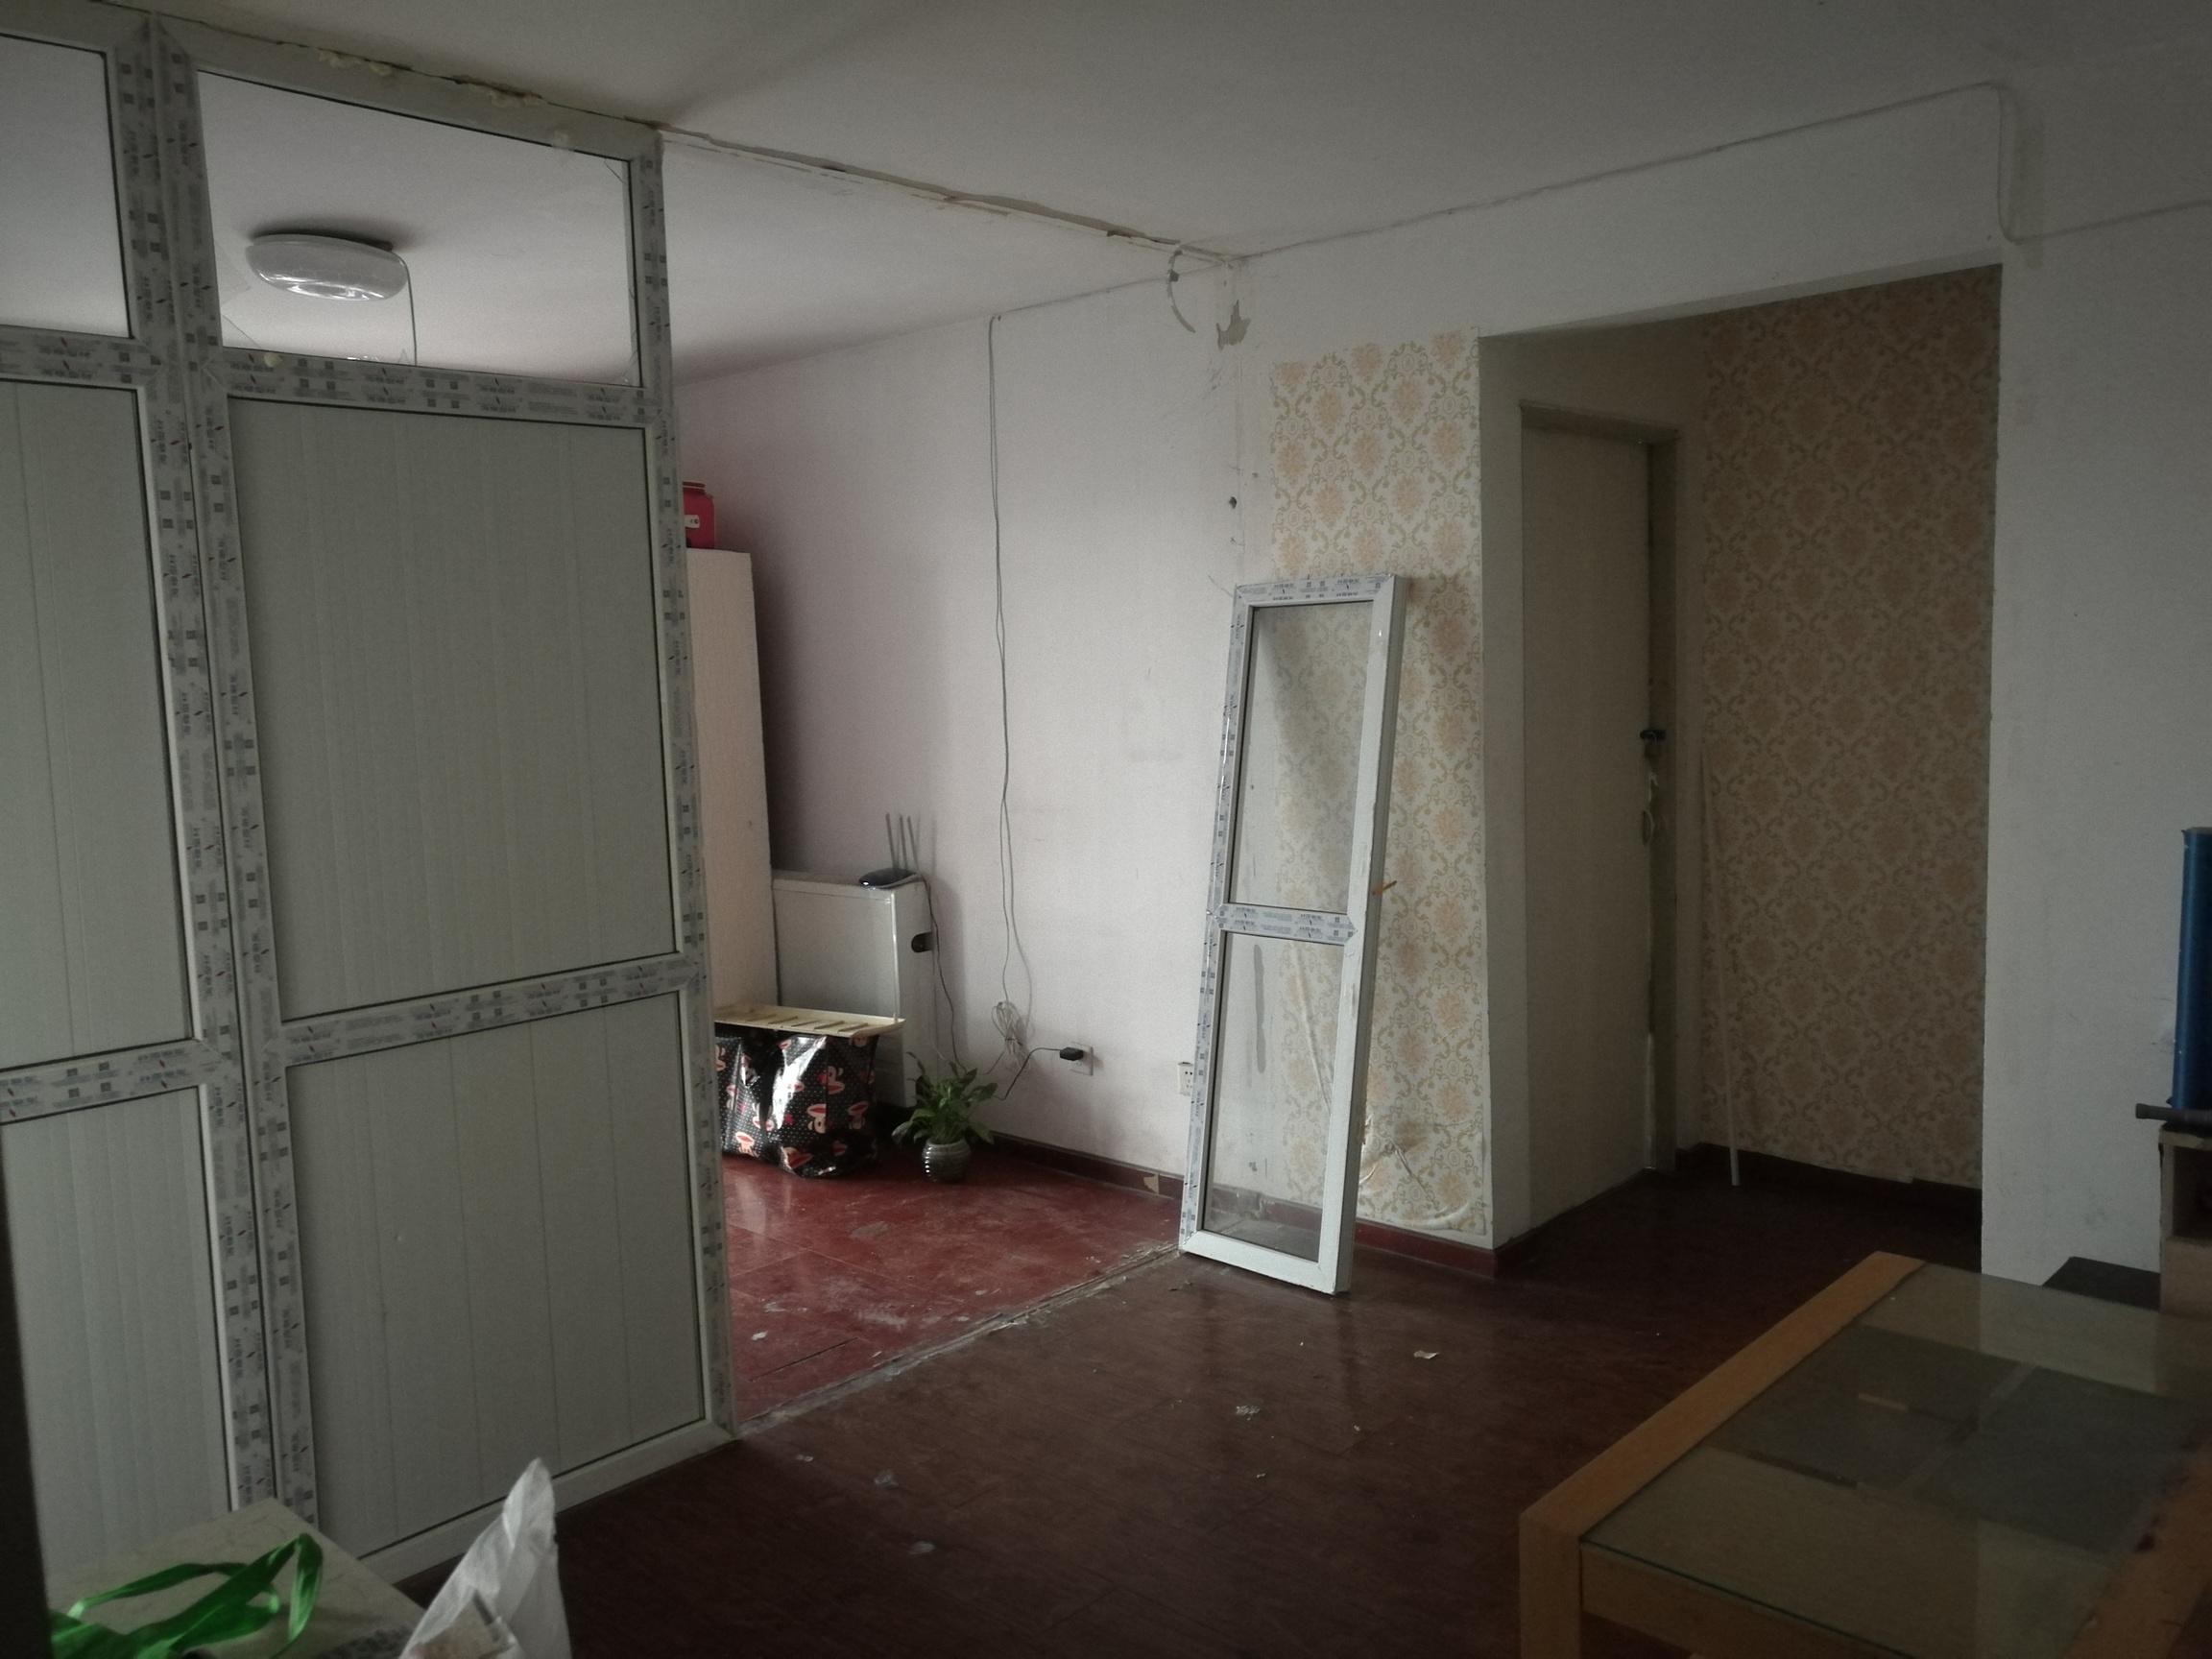 图4-16 客厅里的隔断疑似物